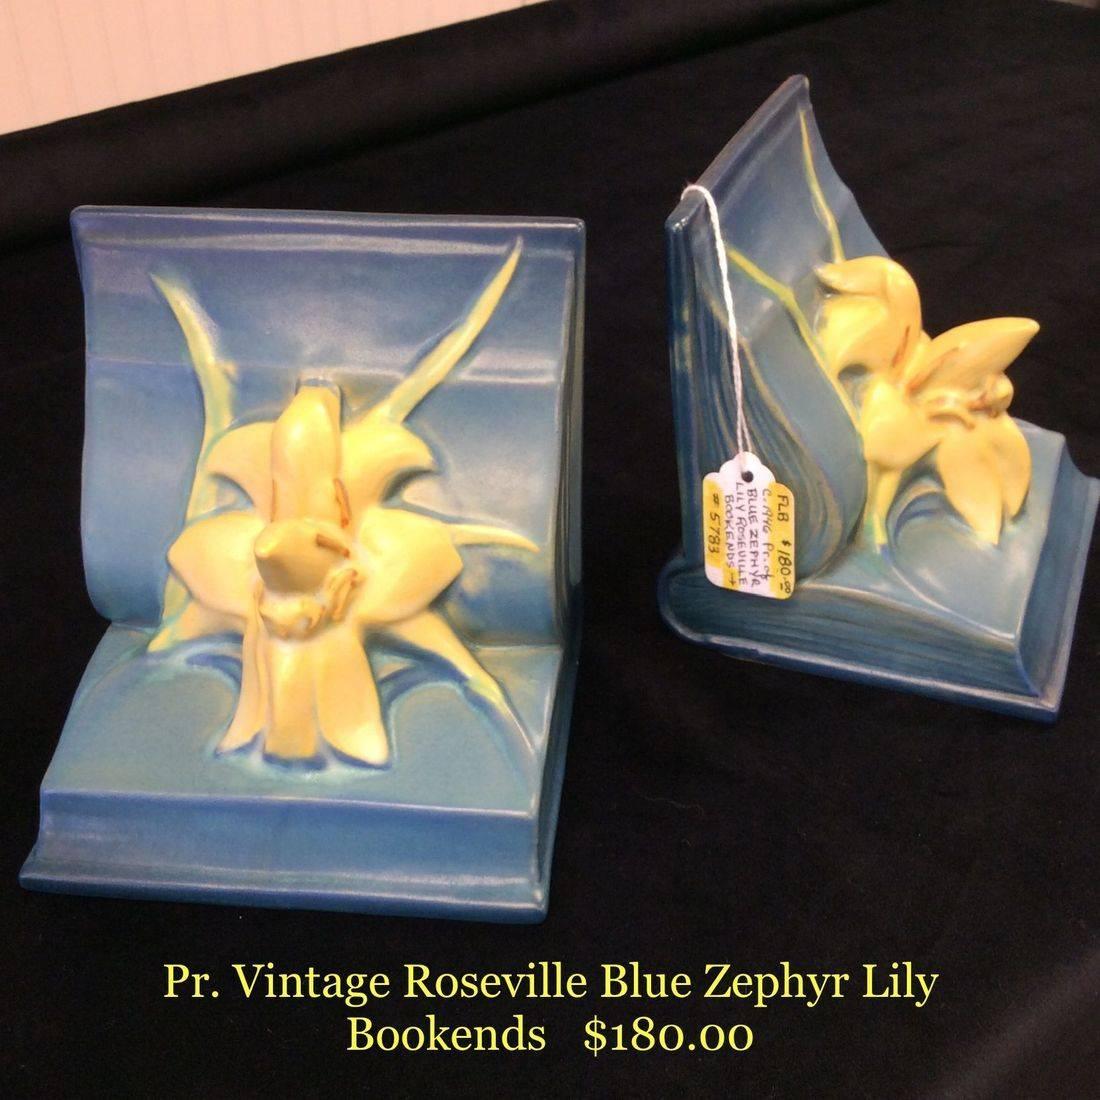 Pr. Vintage Roseville Blue Zephyr Lily Bookends  $ 180.00